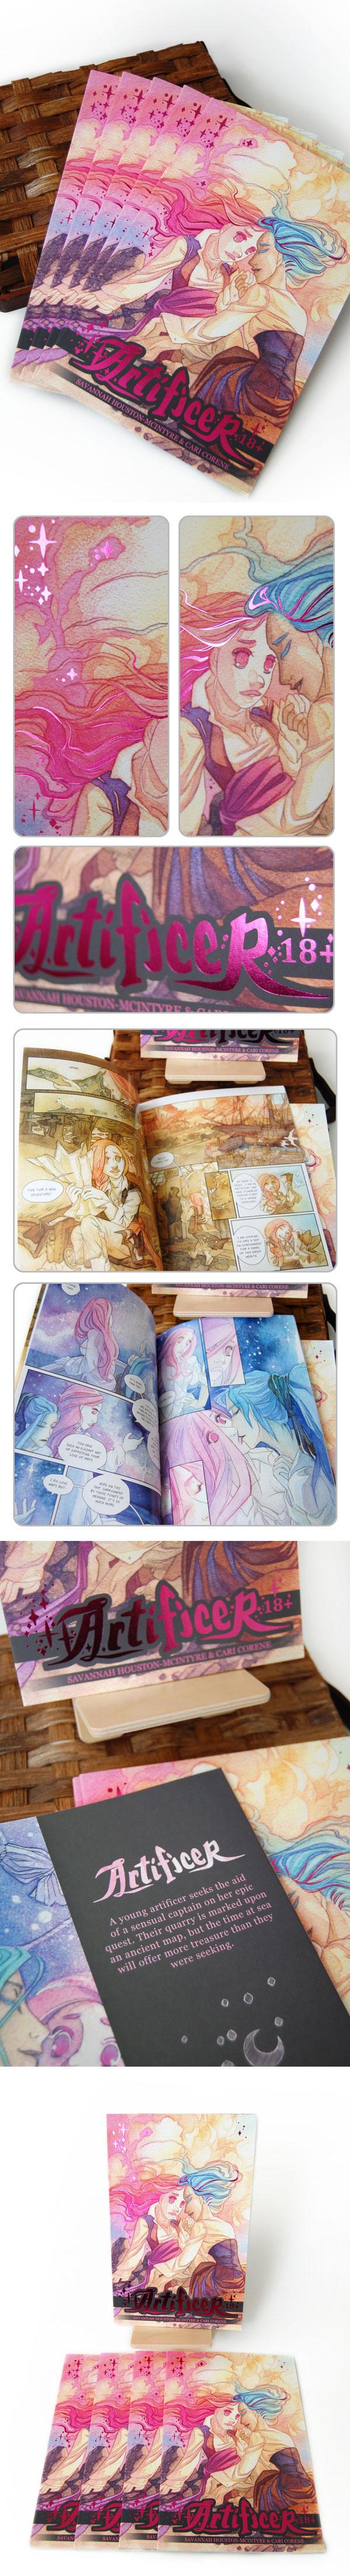 Artificer Book Photos!